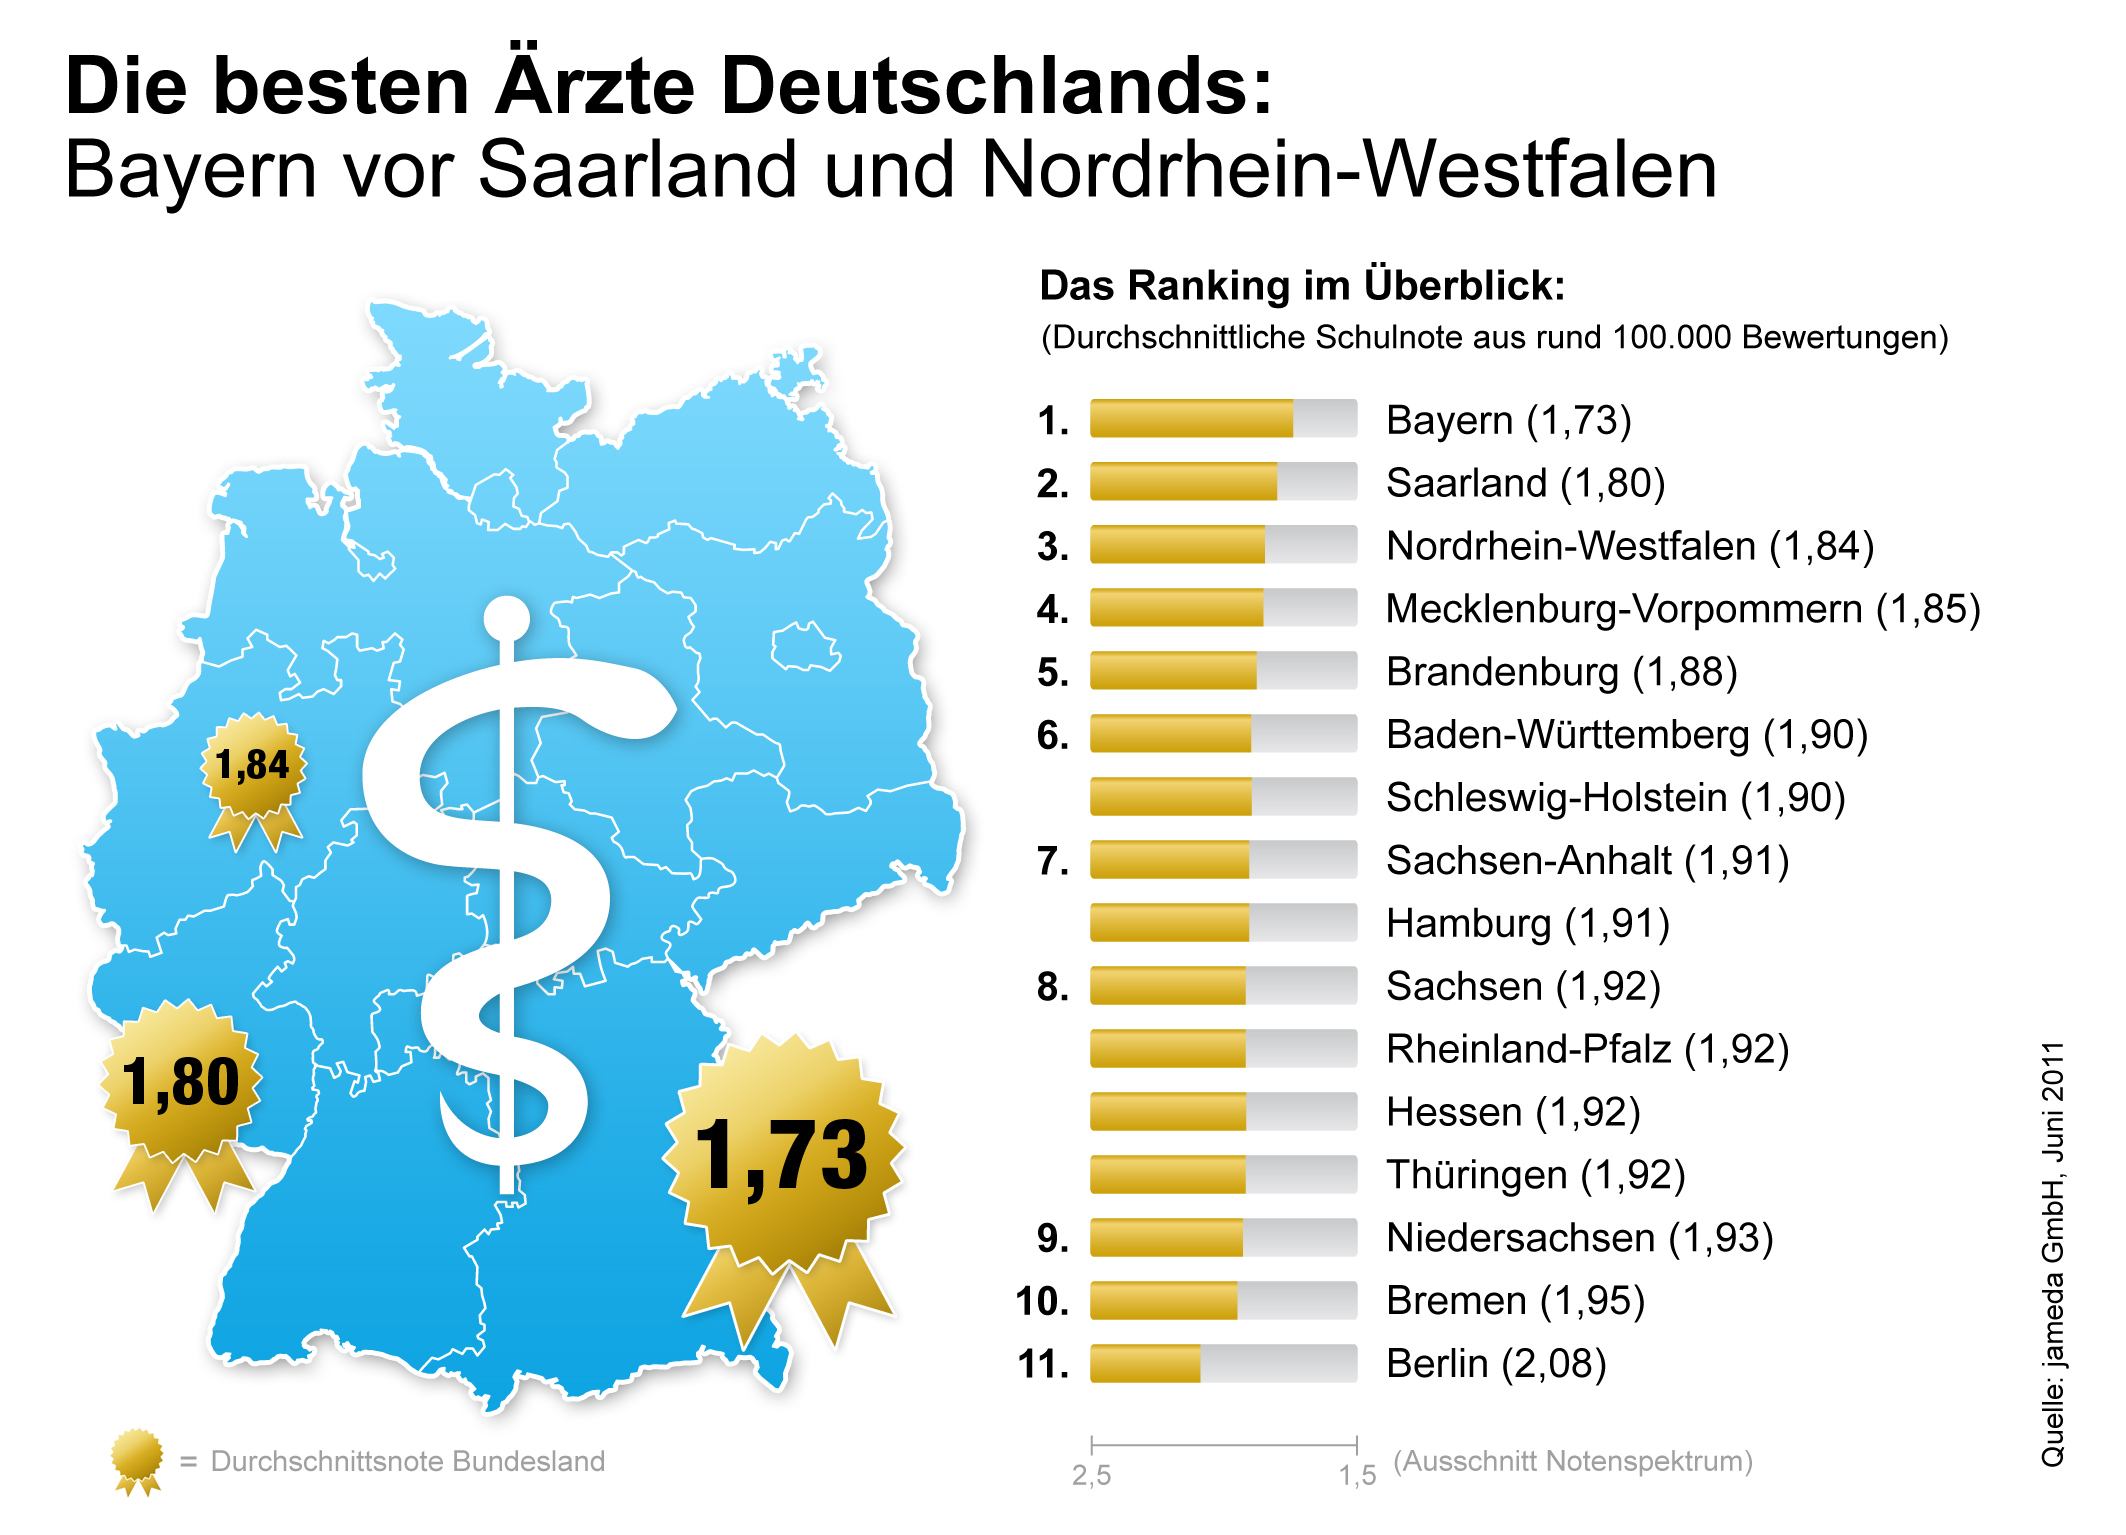 Https Pressemitteilung Origin Storage Ltd Fertig Rj45 Wiring Diagram 110506 Infografik Beste Aerzte Deutschlands